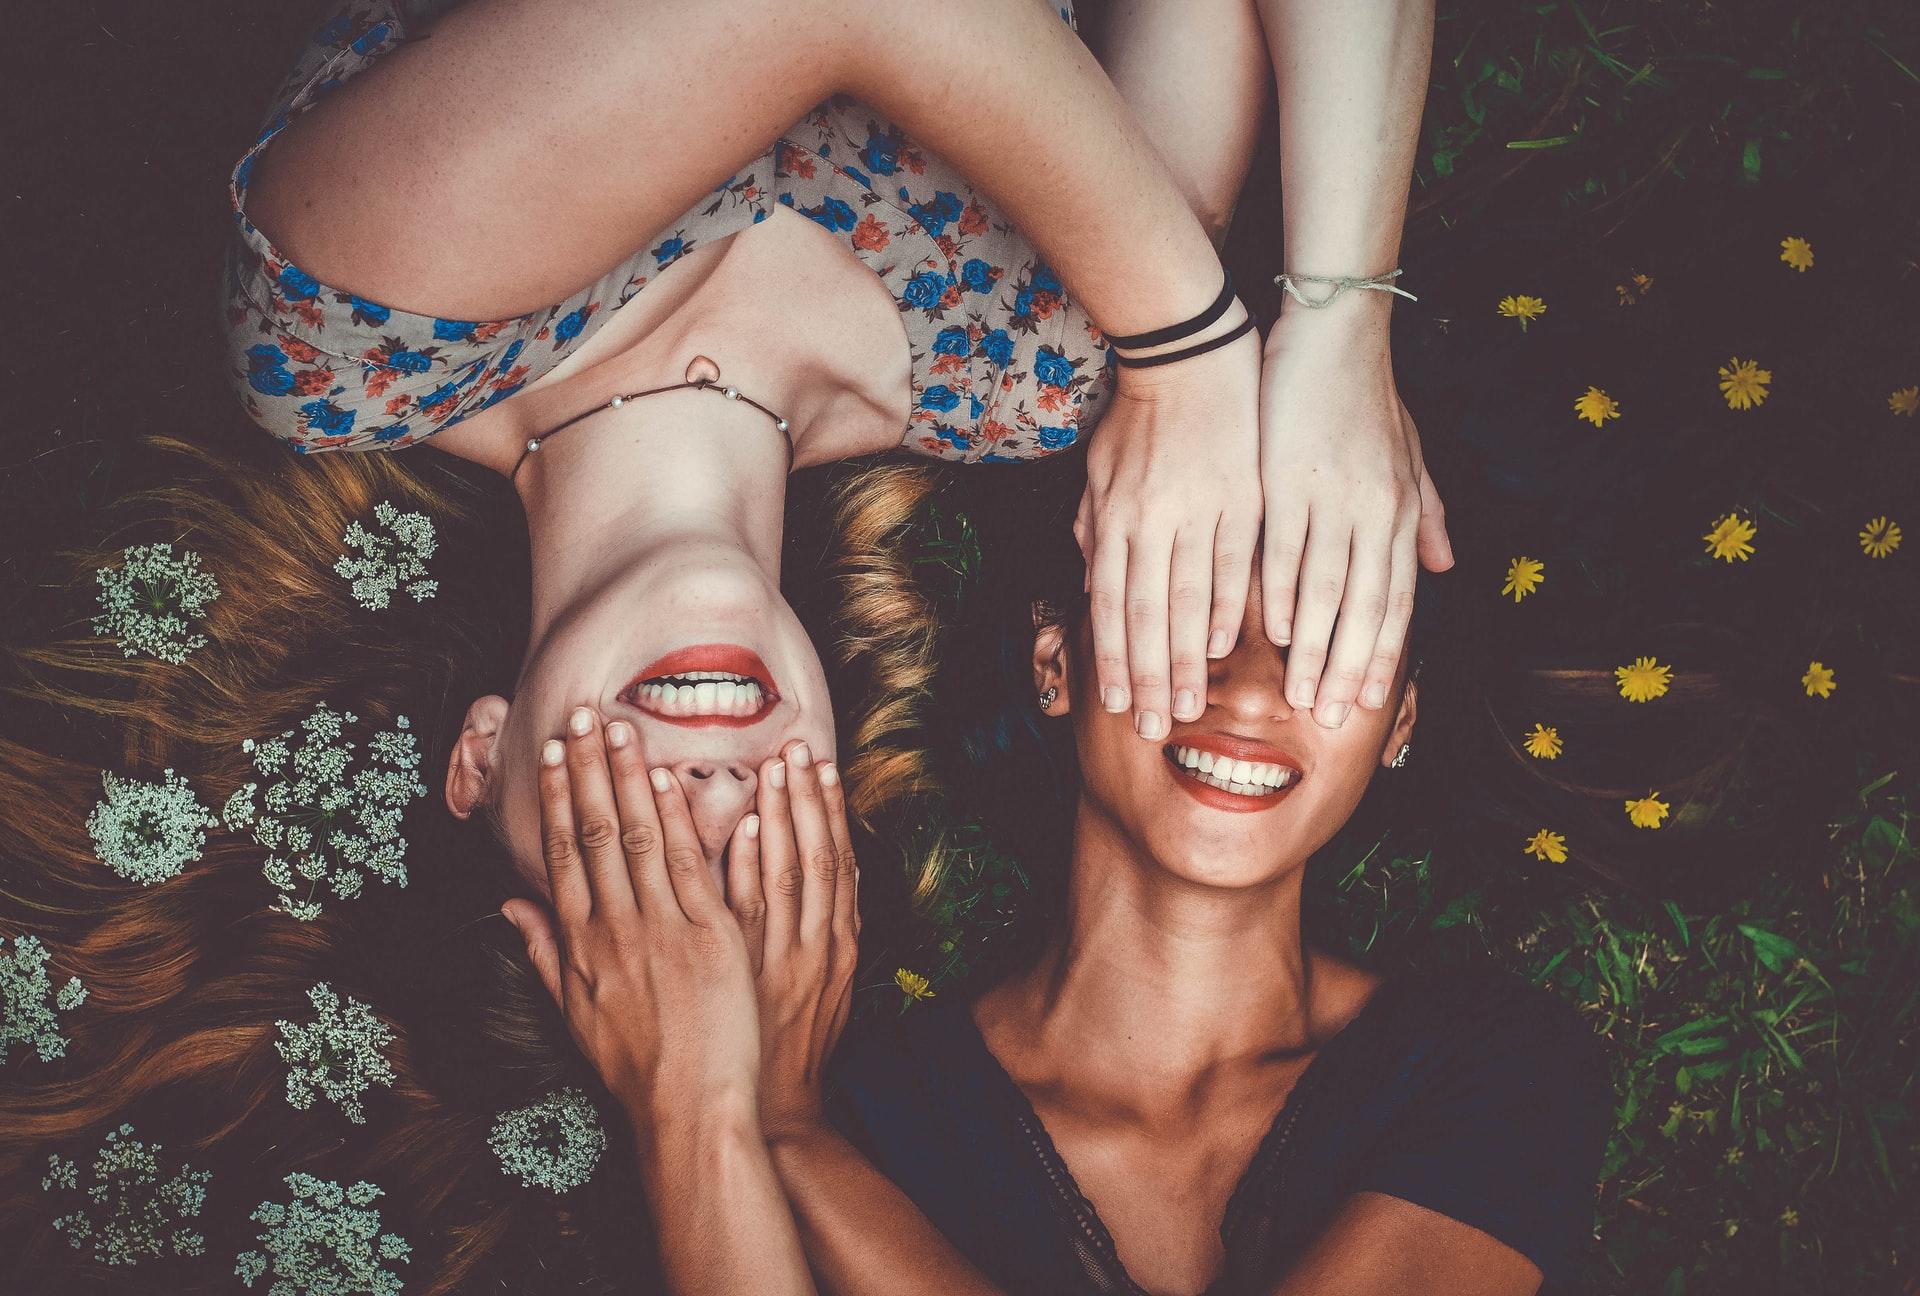 「友達になりたい」と思う人と仲良くなる方法